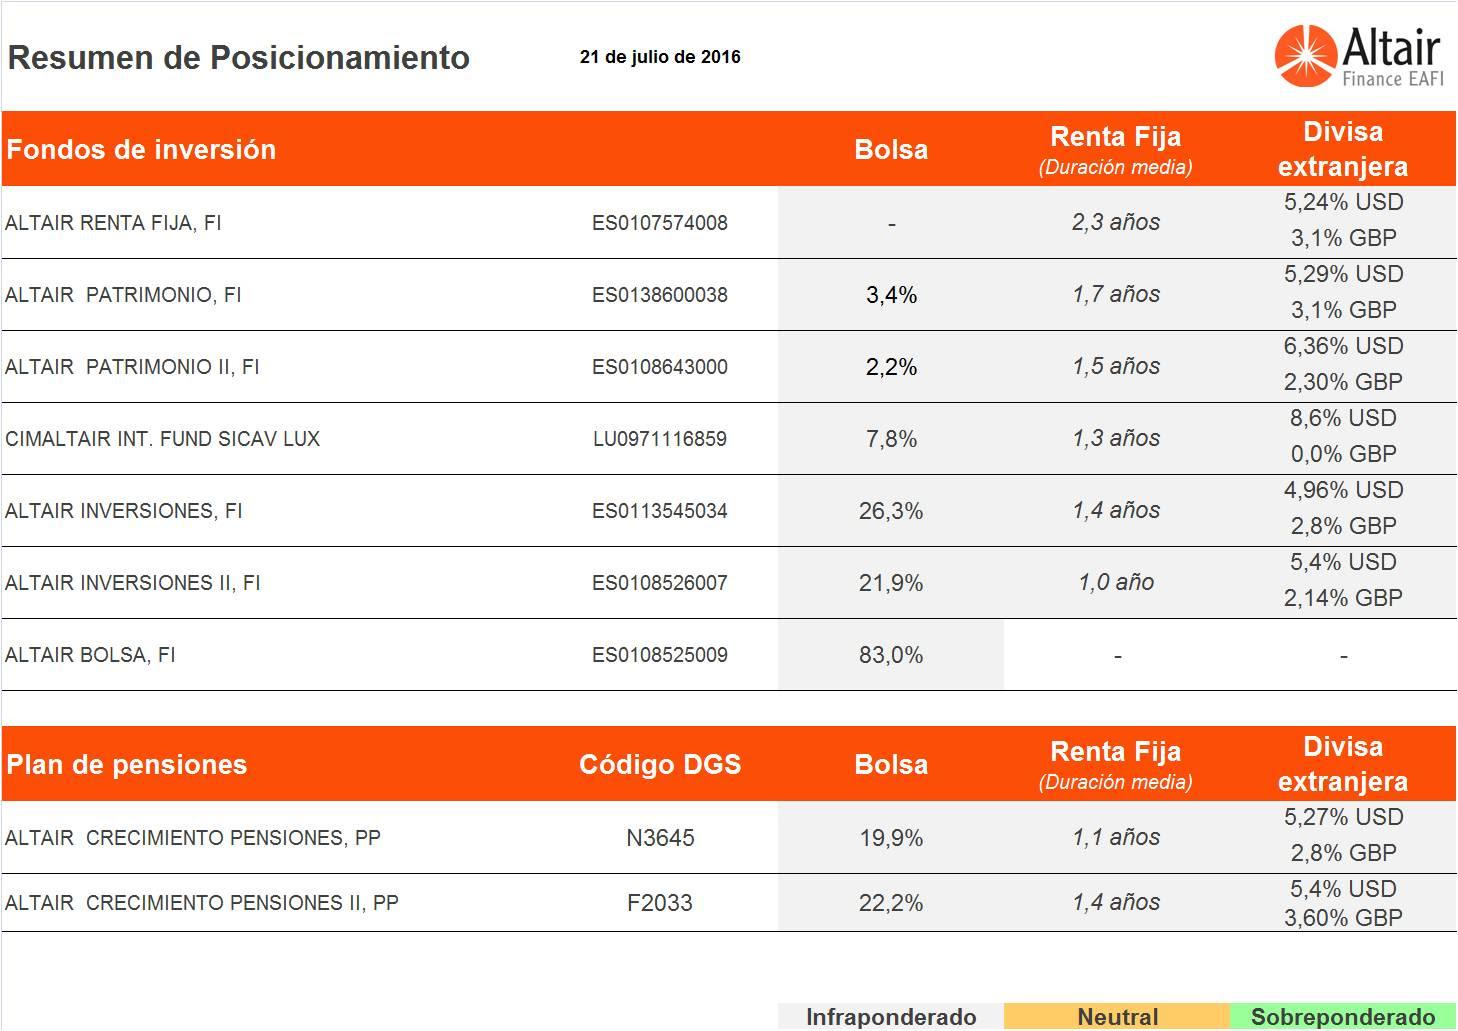 Posicionamiento-fondos-asesorados-Altair-Finance-21-julio-2016